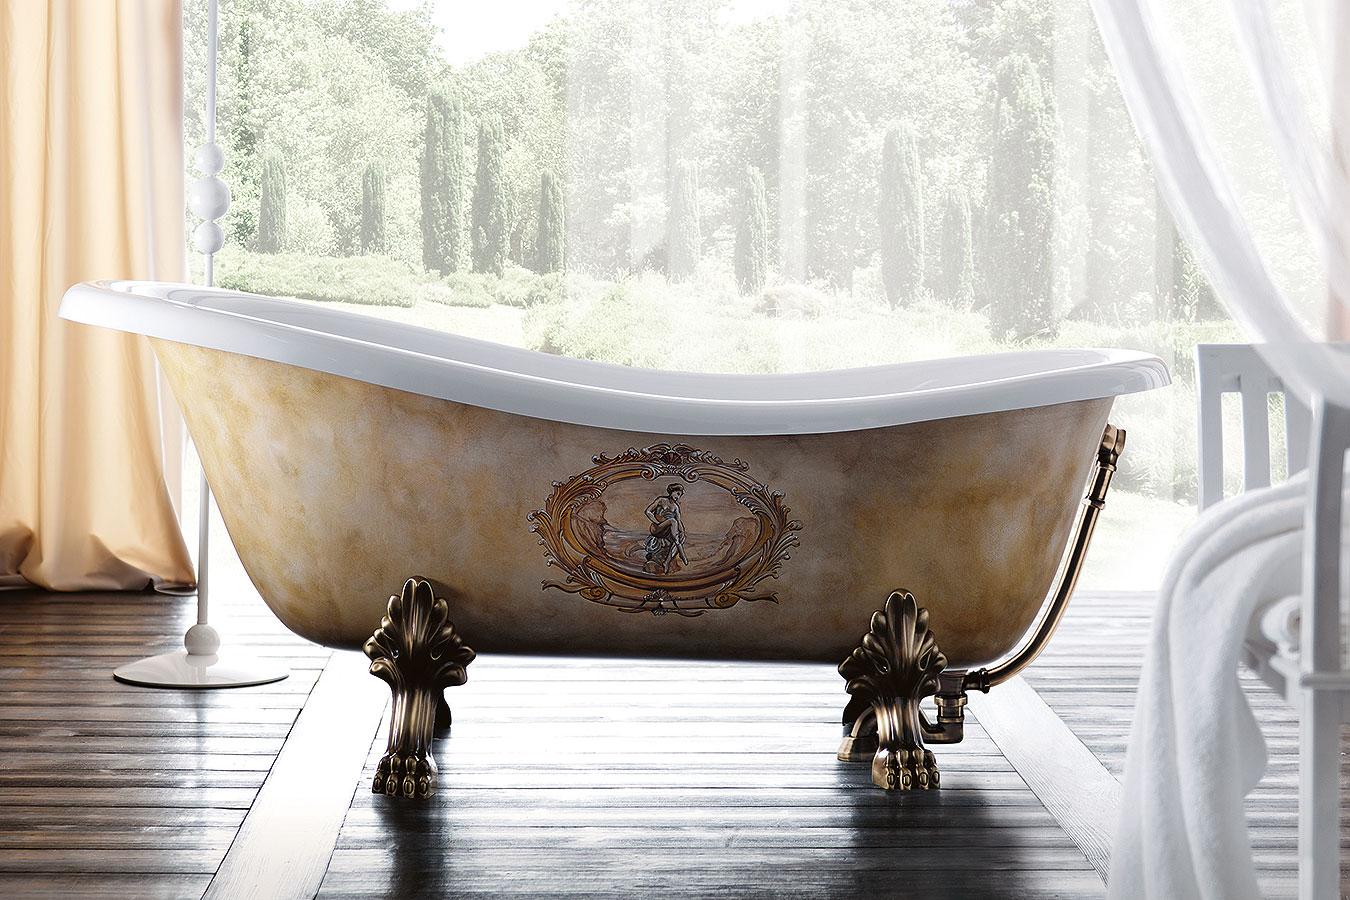 Vasca Da Bagno 100 80 : Treesse vasche e cabine di qualità scopri i modelli da euroedil